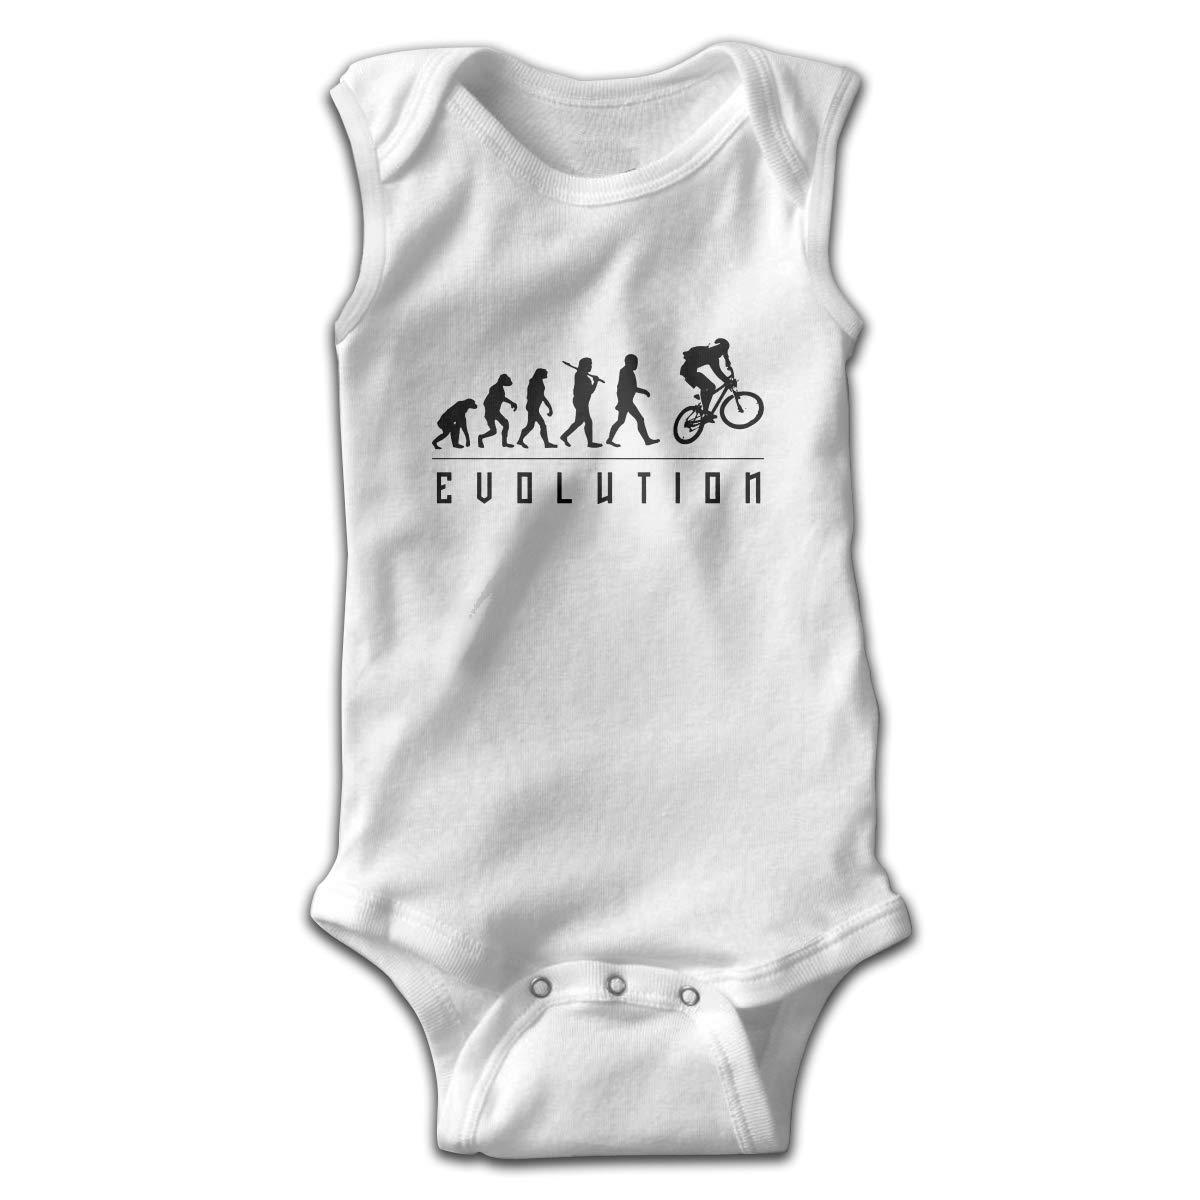 Dfenere Motocross Evolution Newborn Baby No Sleeve Bodysuit Romper Infant Summer Clothing White